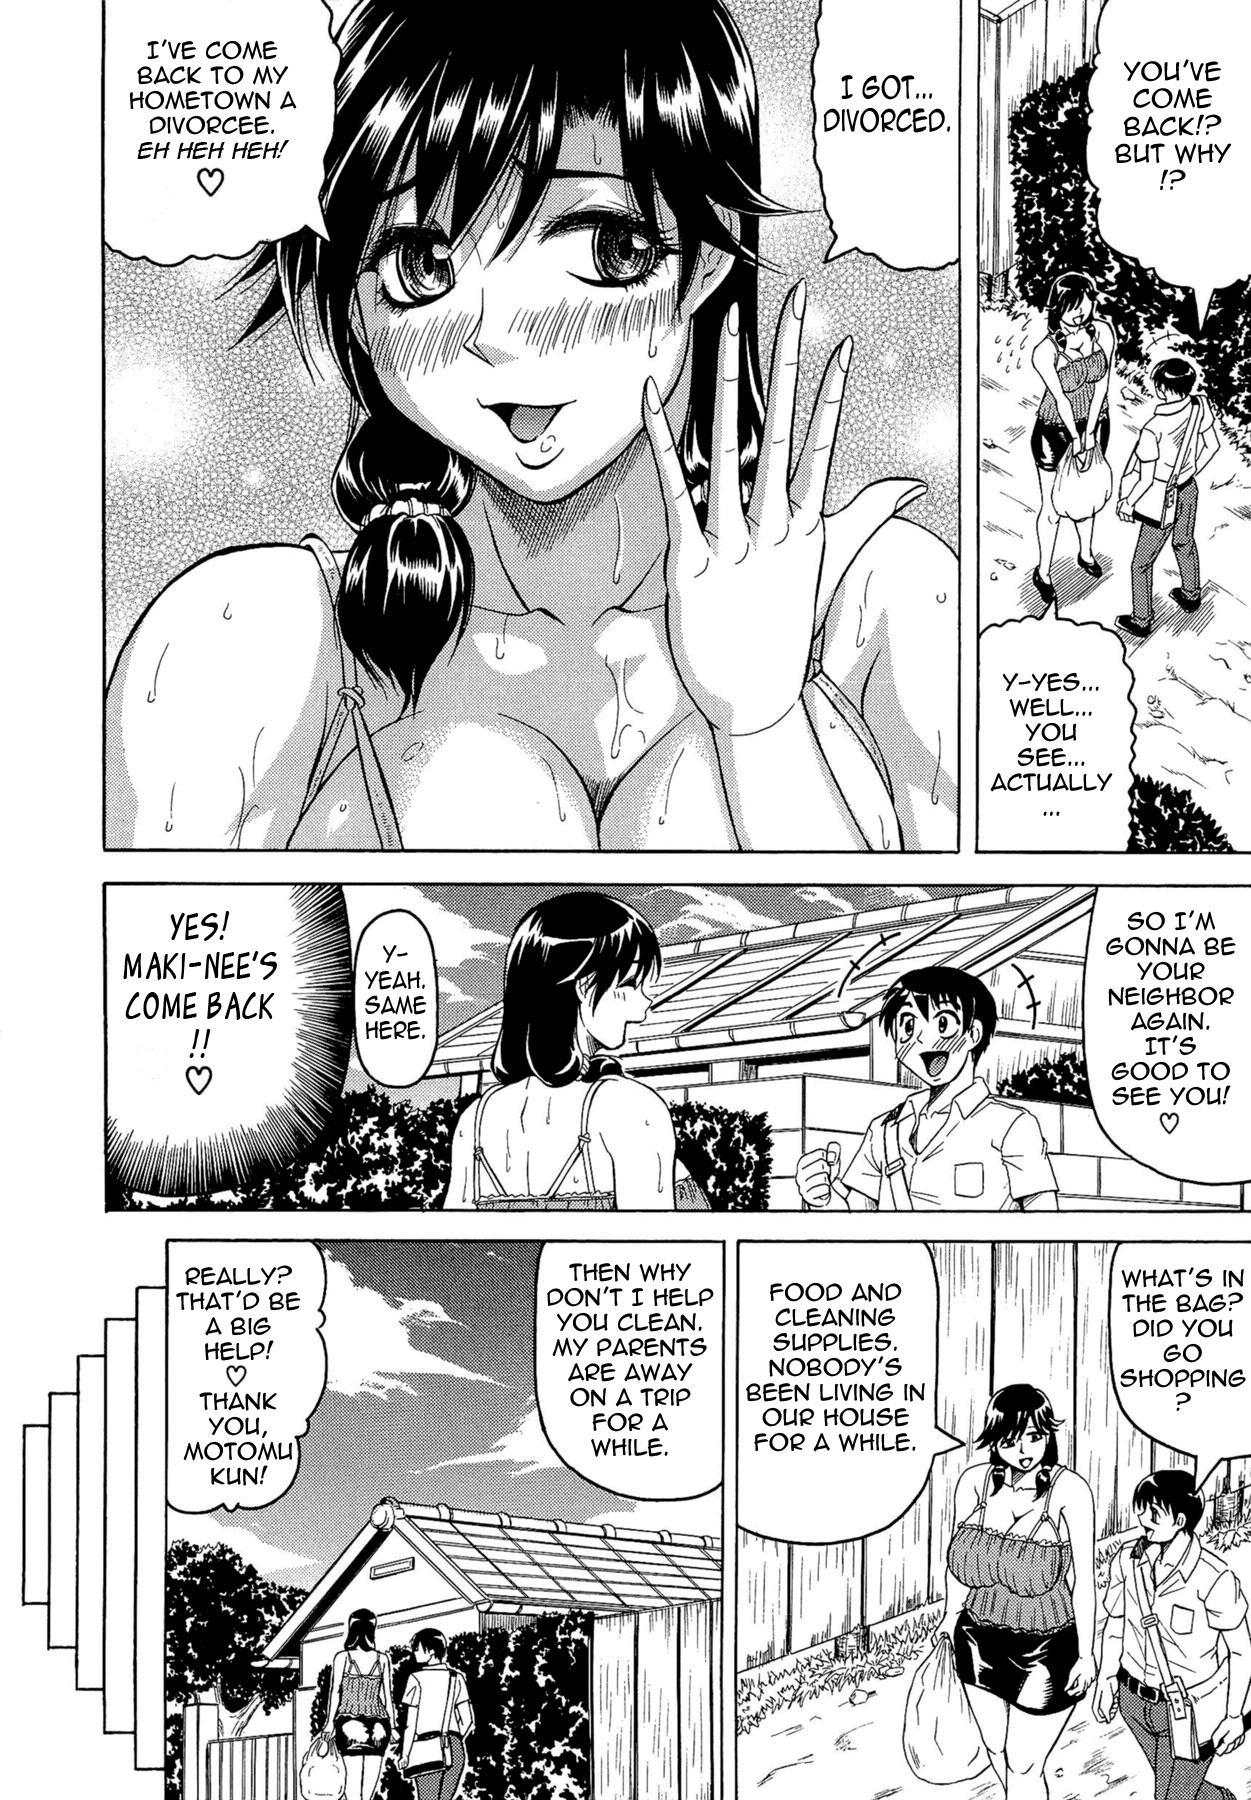 [Jamming] Koibito ha Tonari no Oneesan (Hatsujyouki) | My Lover is the Girl Next Door [English] {Tadanohito} 9